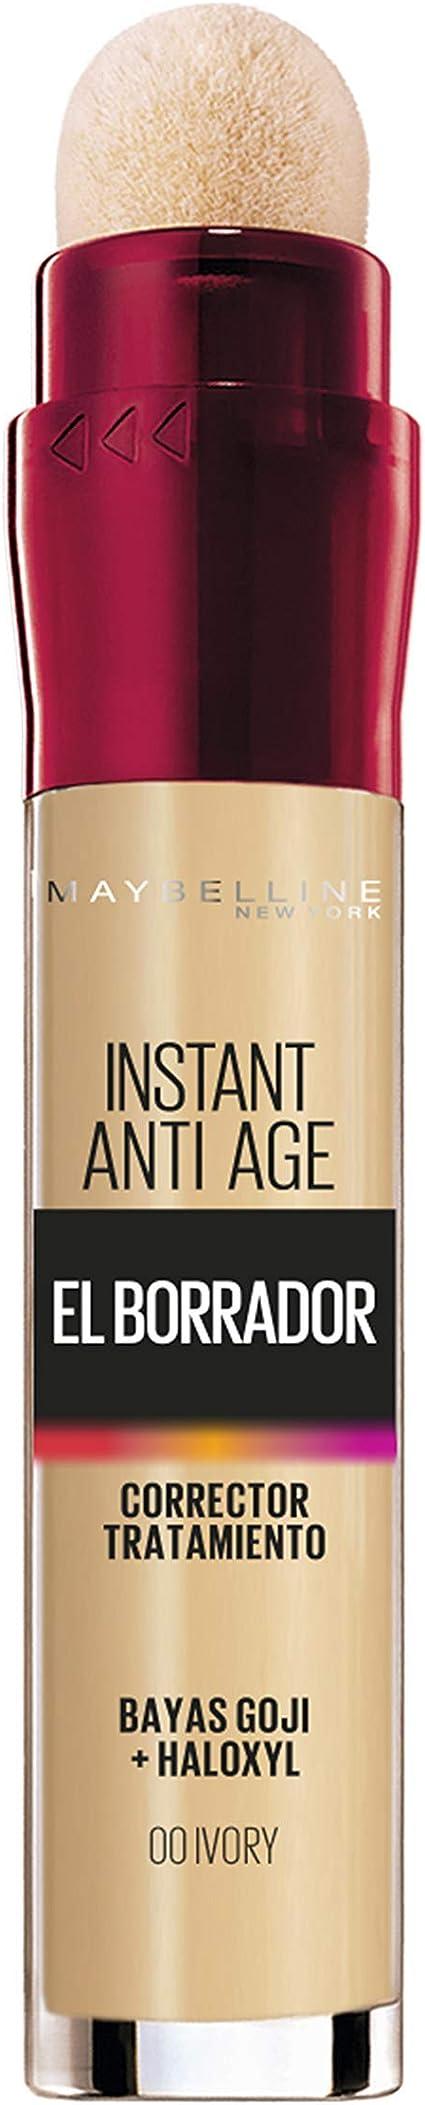 Maybelline New York, Corrector de Ojeras, Bolsas e Imperfecciones, Borrador Ojos, 00 Ivory, 6 ml